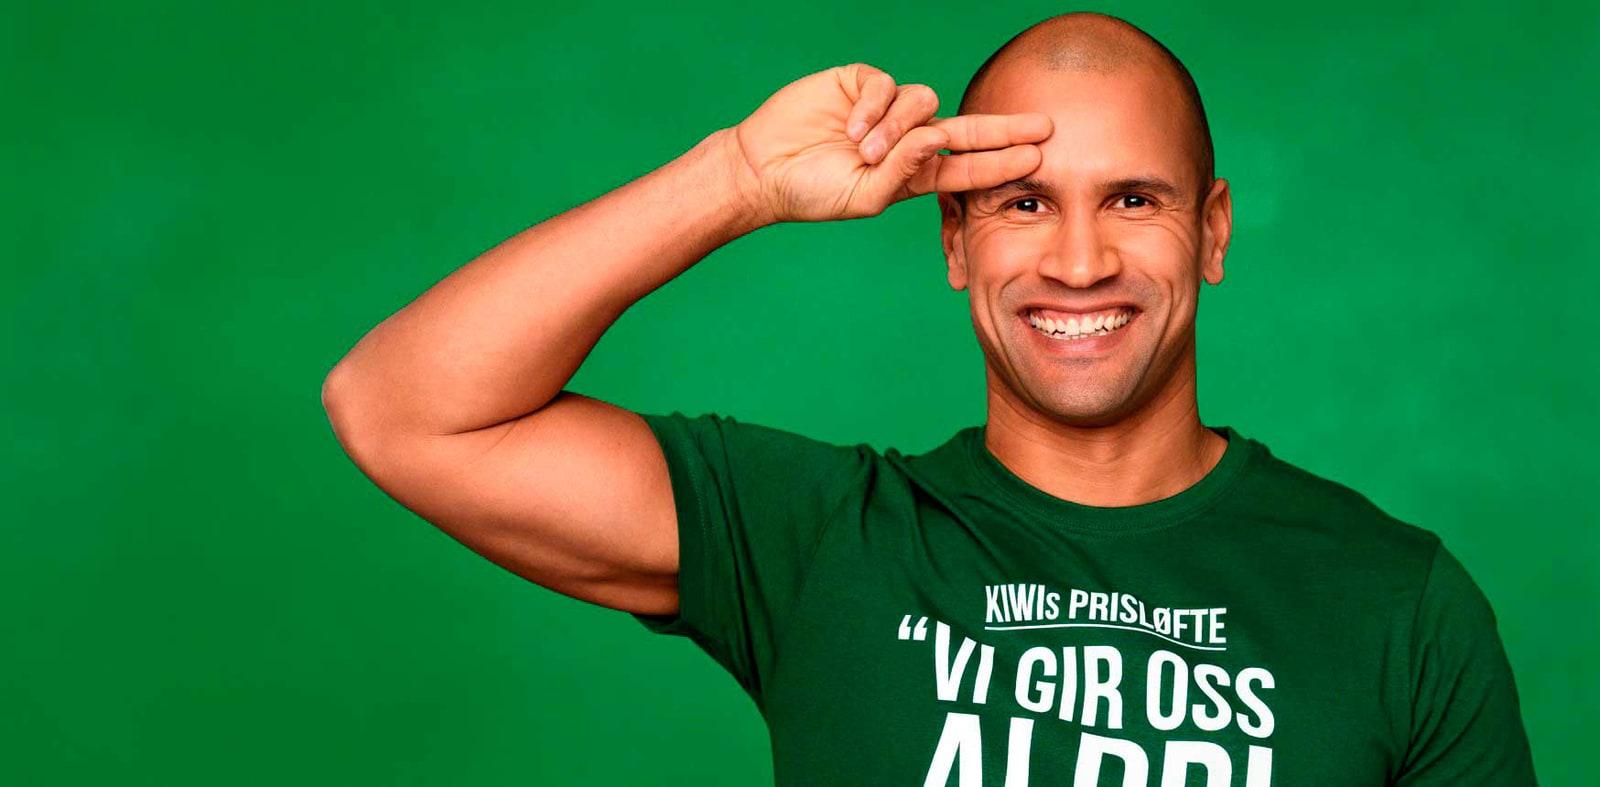 Mann med KIWI t-skjorte på grønn bakgrunn